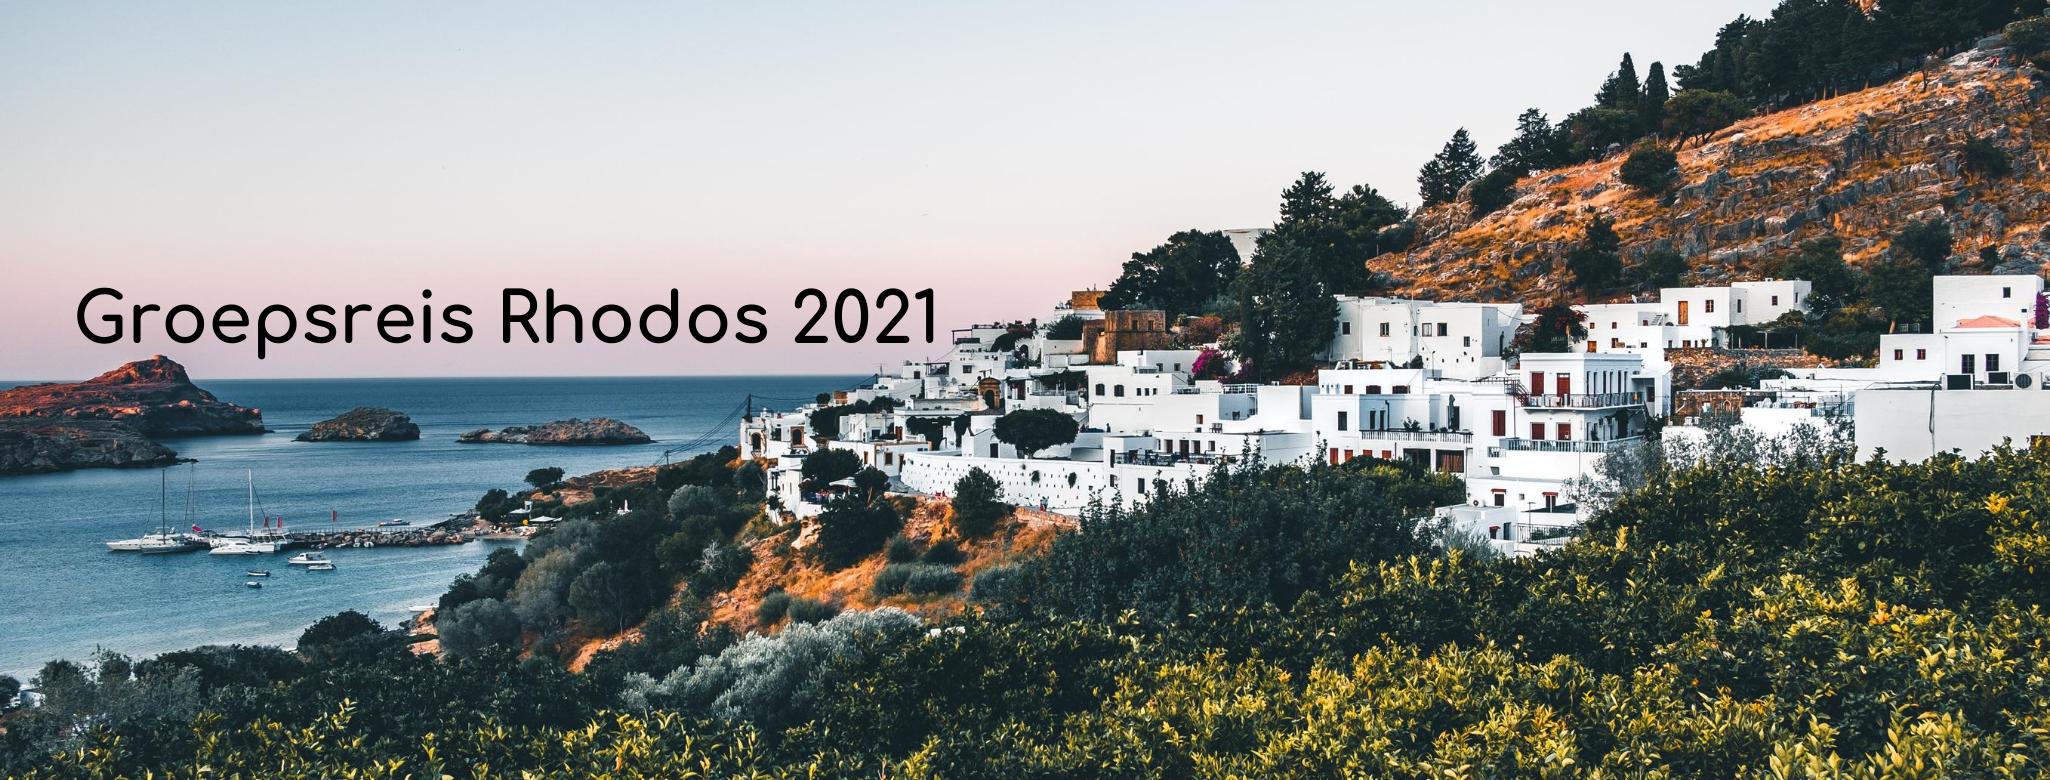 Flüchtlinge Rhodos 2021